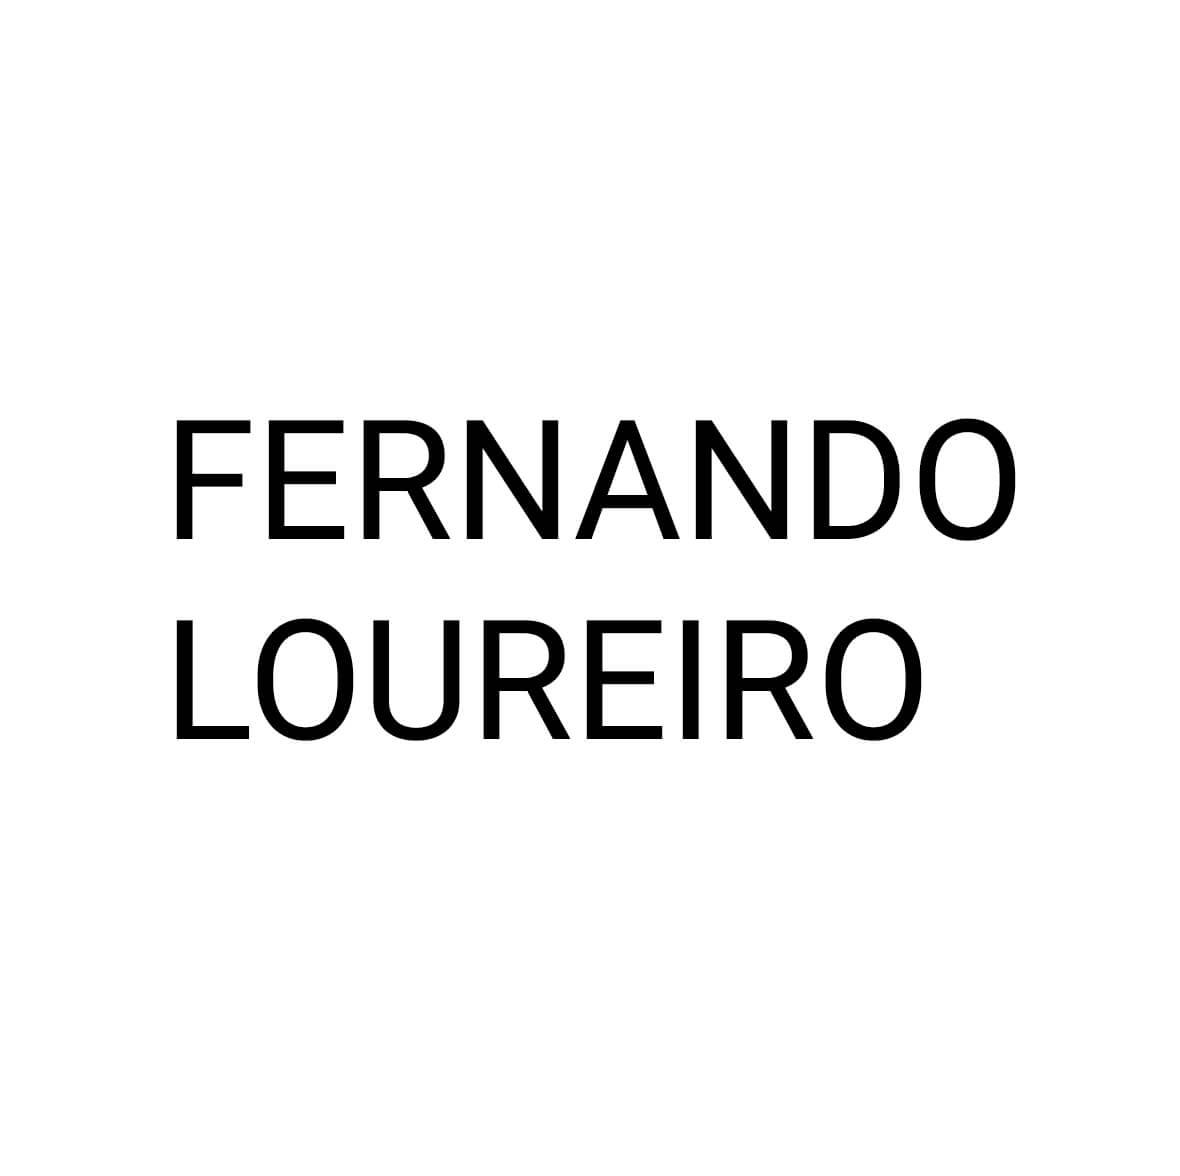 Fernando Loureiro